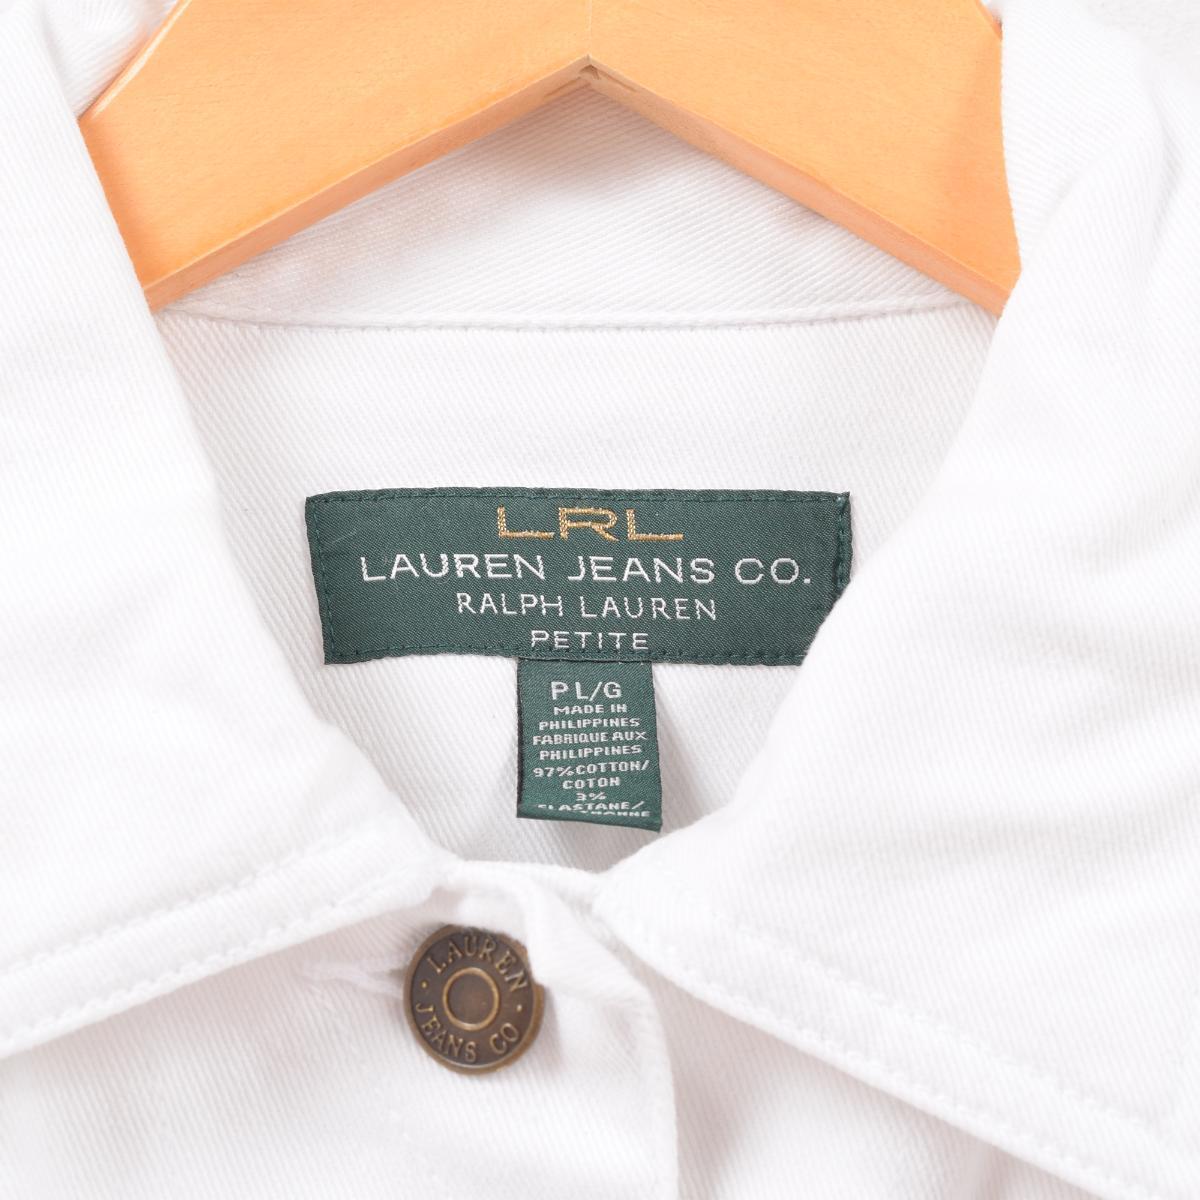 6618698f5 VINTAGE CLOTHING JAM  Ralph Lauren Ralph Lauren LAUREN JEANS CO ...